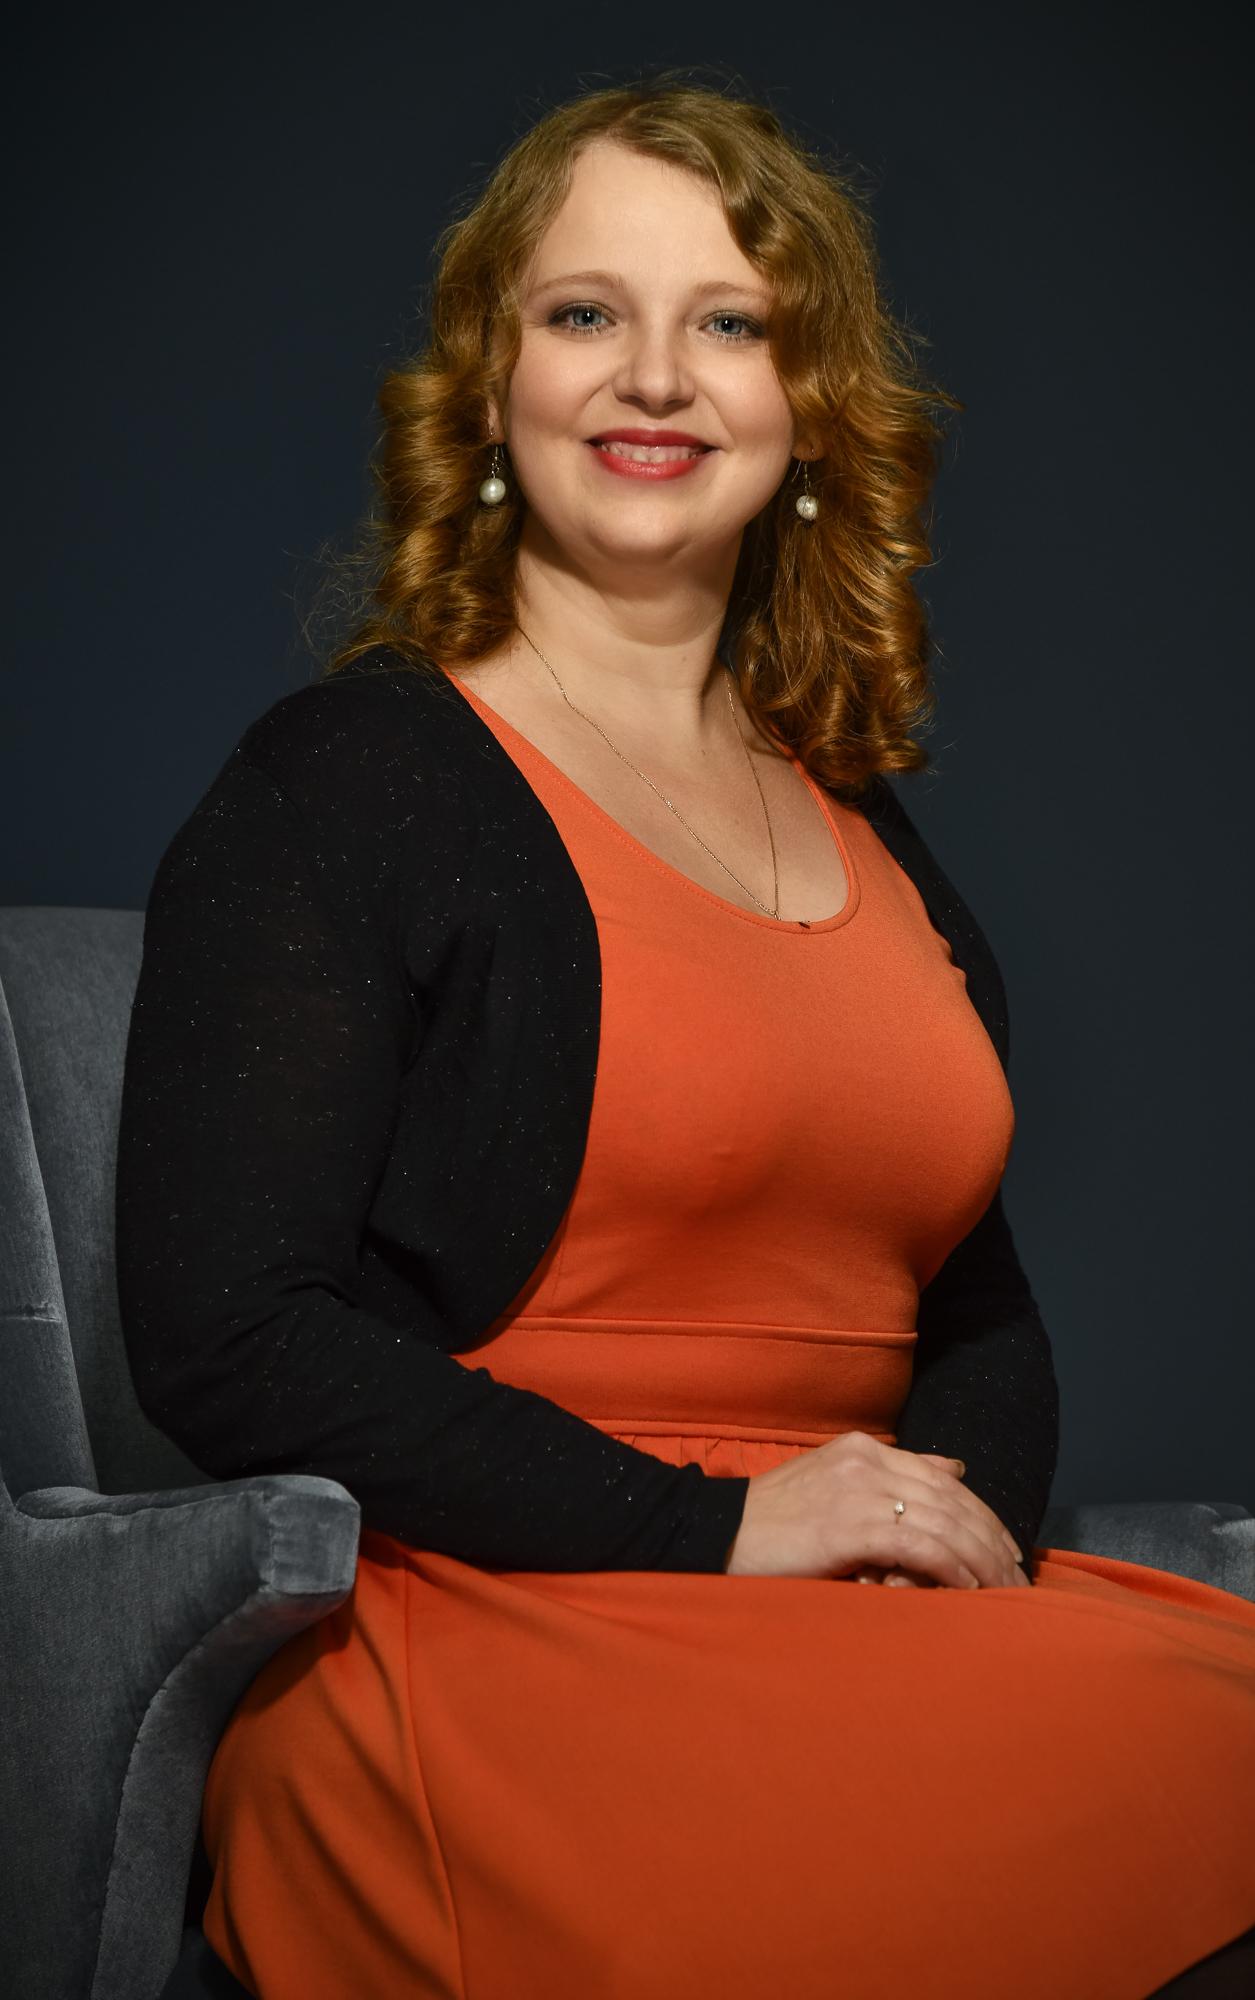 Yuliya Yefimchuk